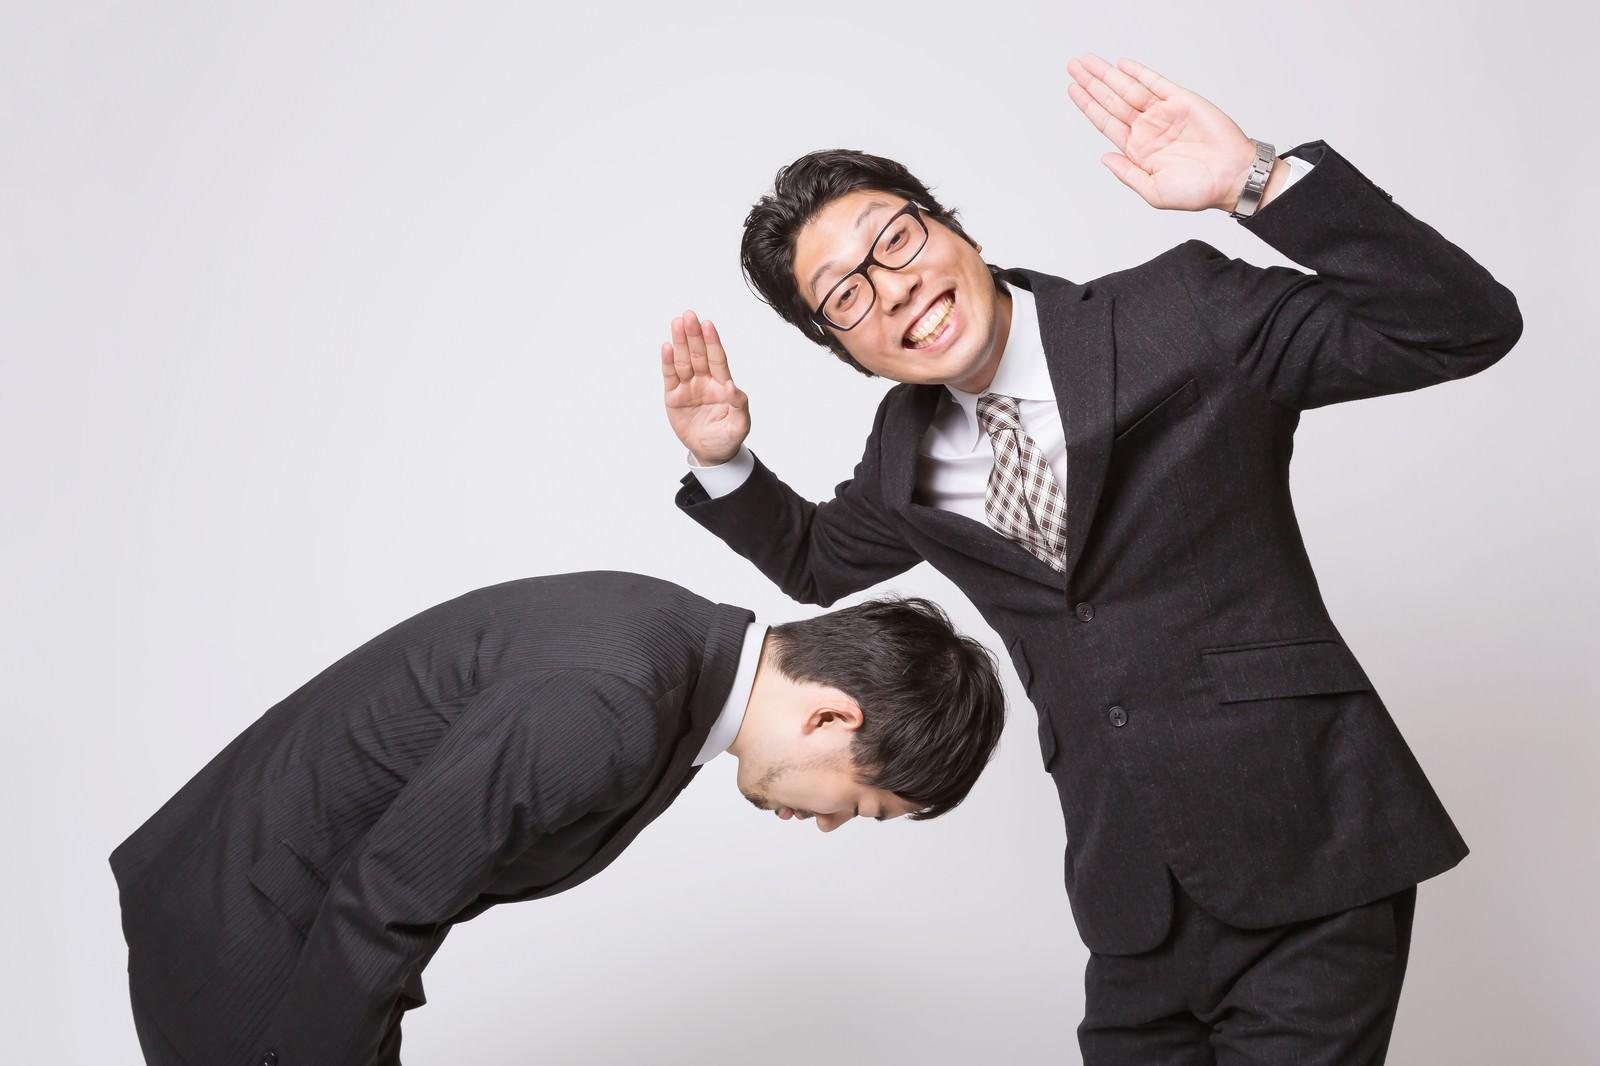 「謝罪をさせて勝ちほこるビジネスマン謝罪をさせて勝ちほこるビジネスマン」[モデル:ひろゆき  紳さん]のフリー写真素材を拡大